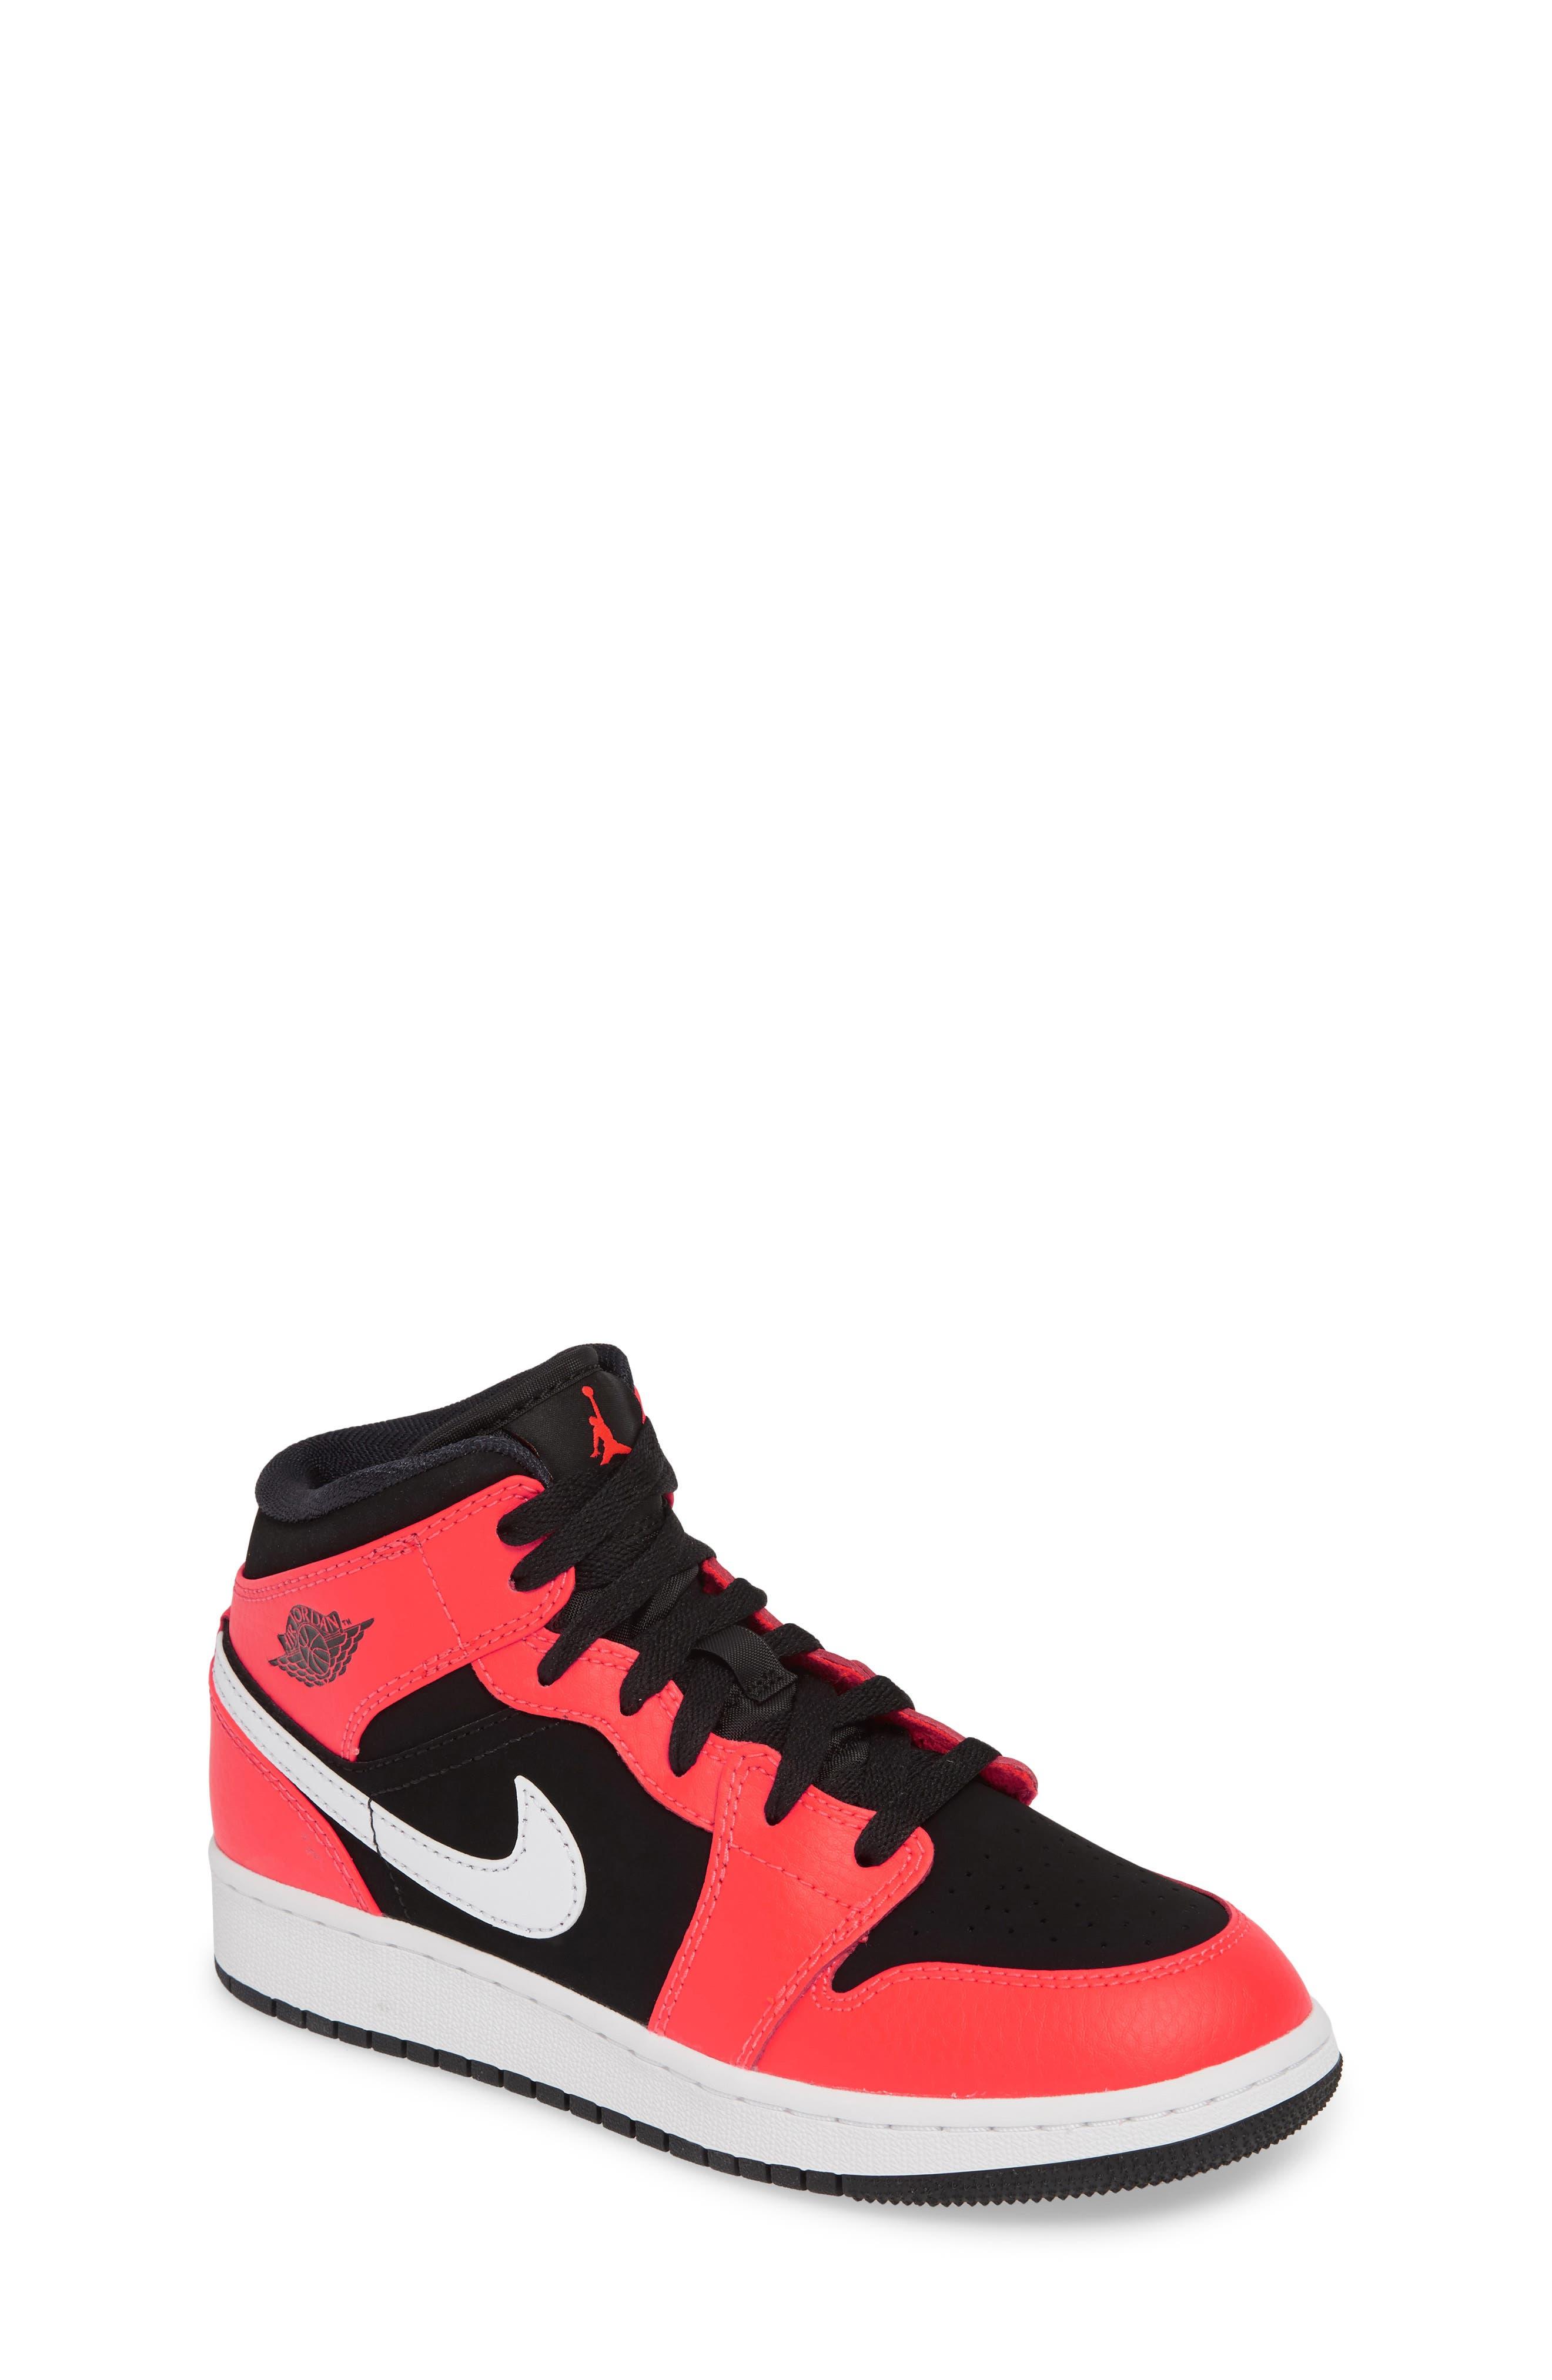 JORDAN Nike 'Air Jordan 1 Mid' Sneaker, Main, color, BLACK/ INFRARED 23-WHITE